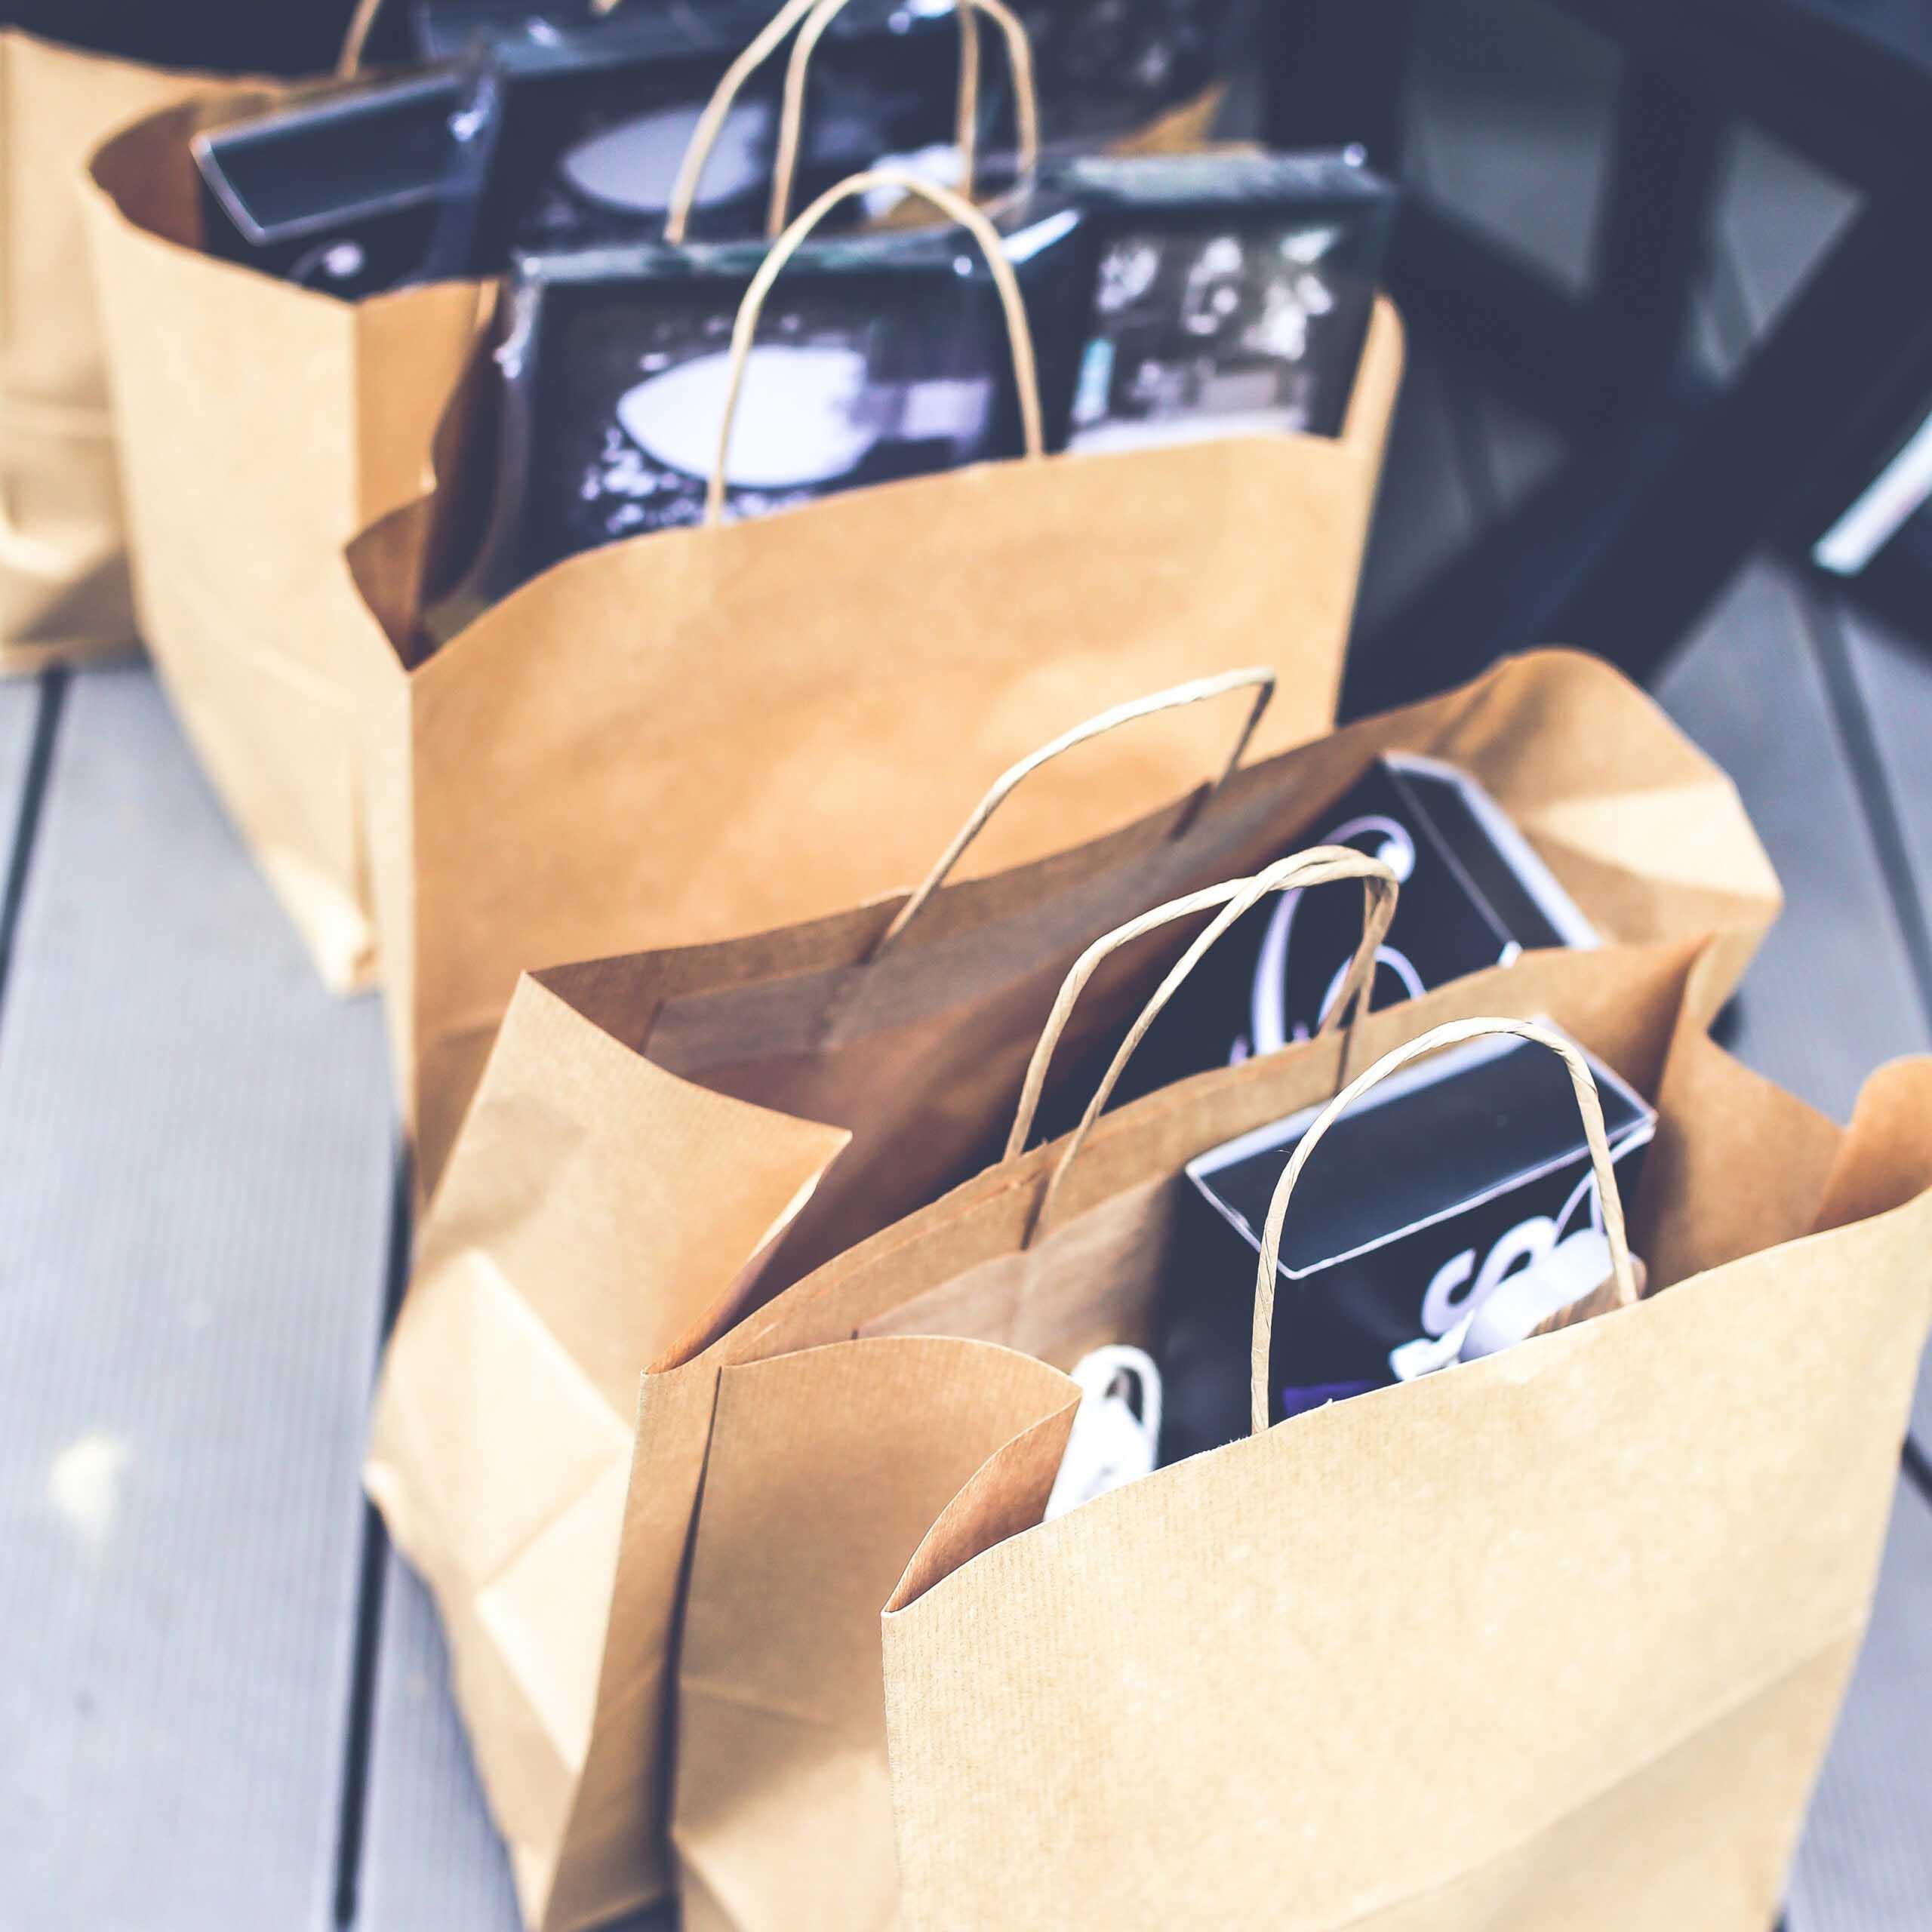 Sei stufa di trasportare ogni volta pesanti buste della spesa?